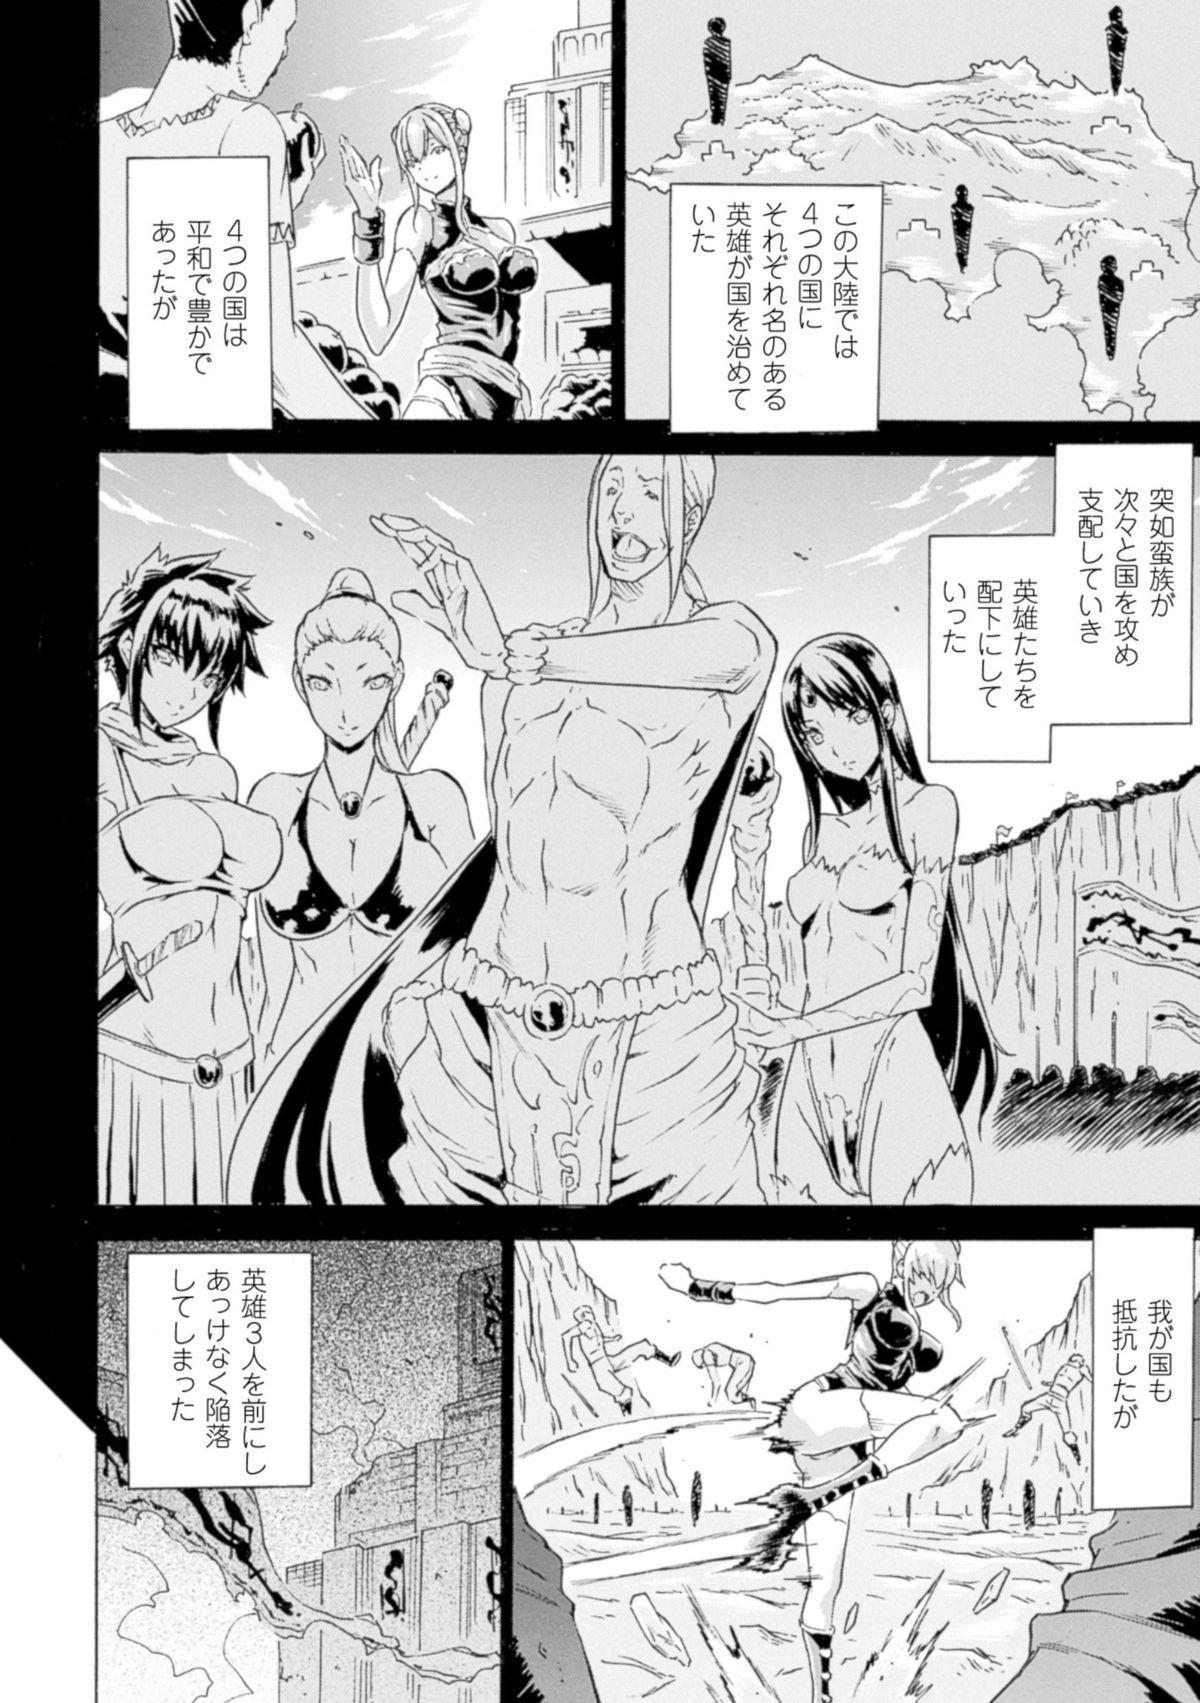 2D Comic Magazine Suisei Seibutsu ni Okasareru Heroine-tachi Vol. 1 5